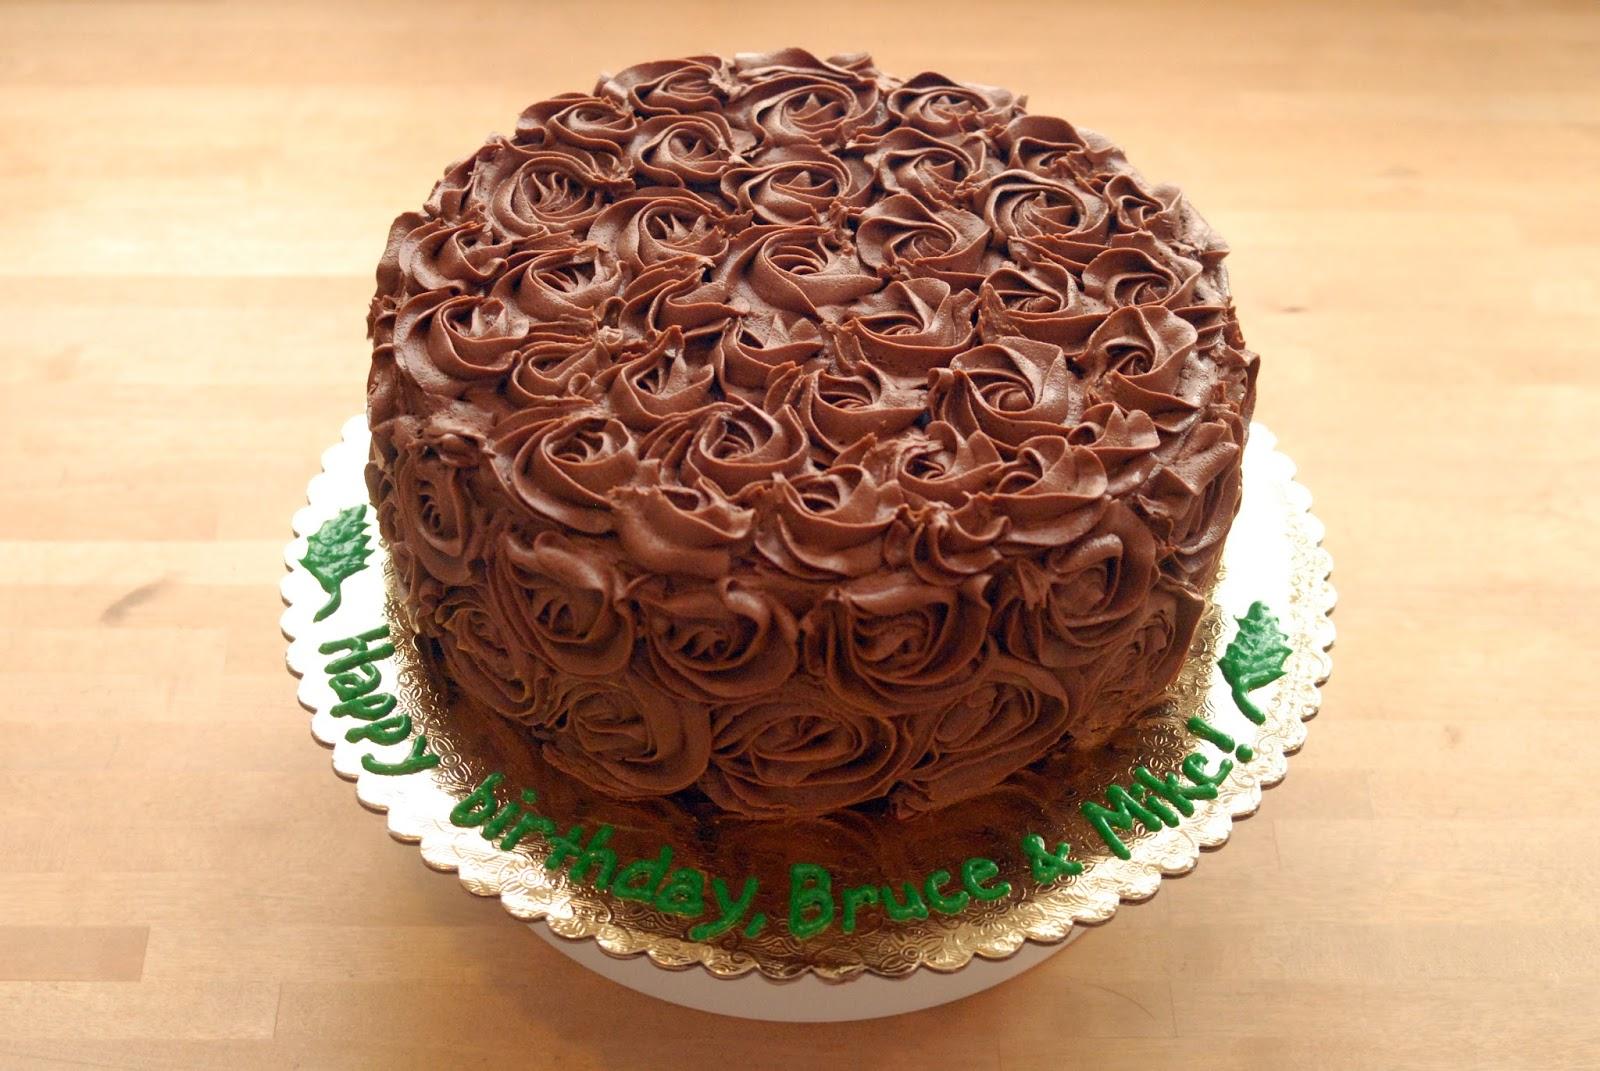 Night Baking Chocolate Rose Cake